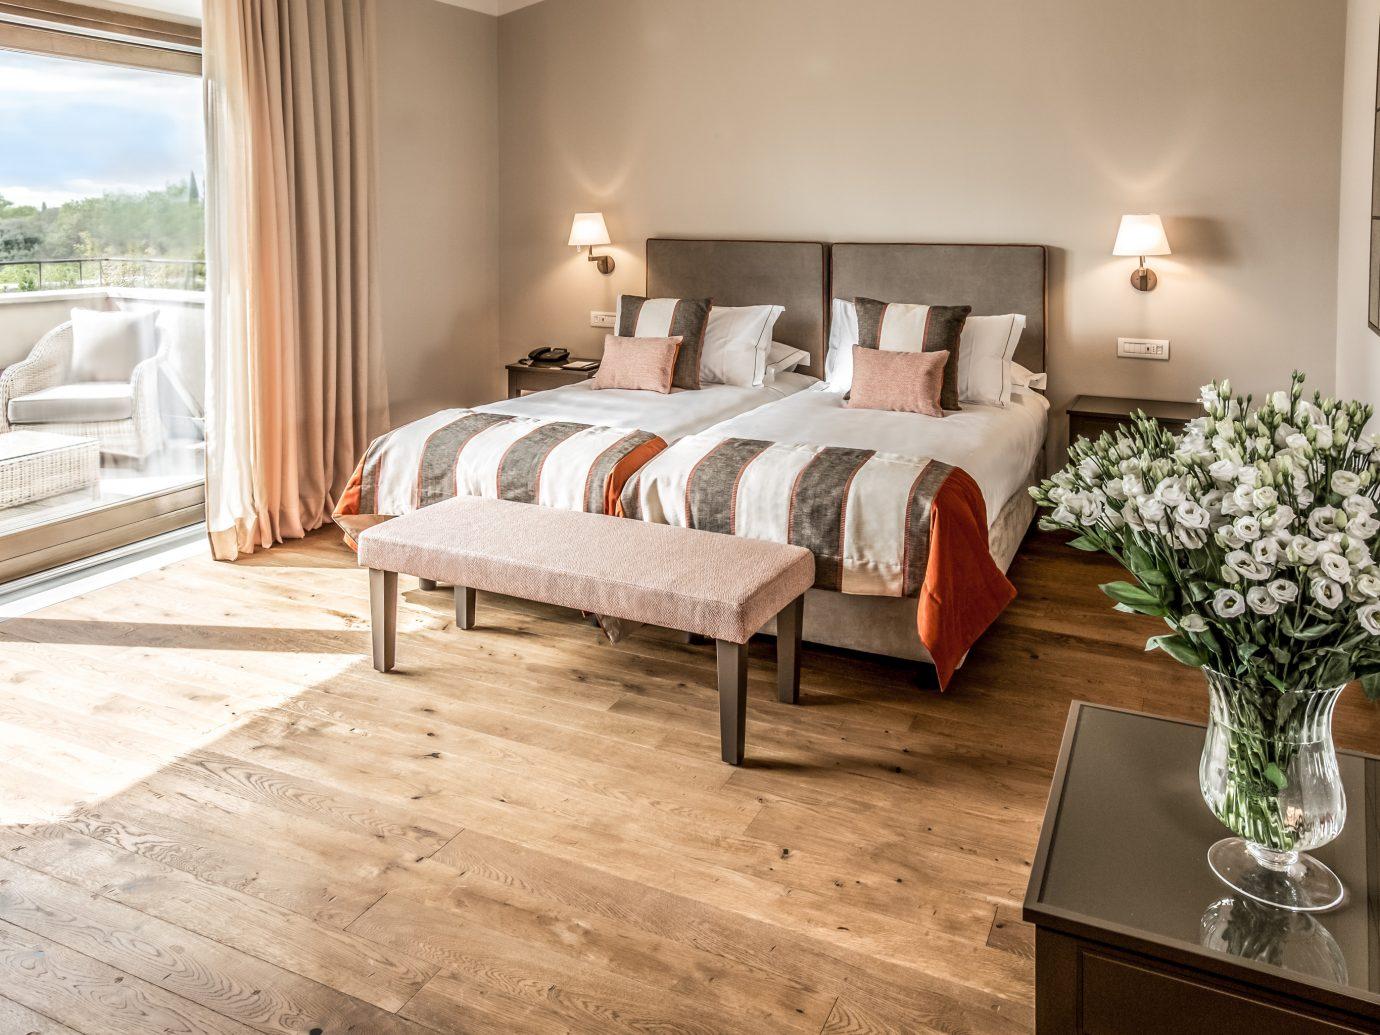 Bedroom at Hotel Il Castelfalfi in Tuscany